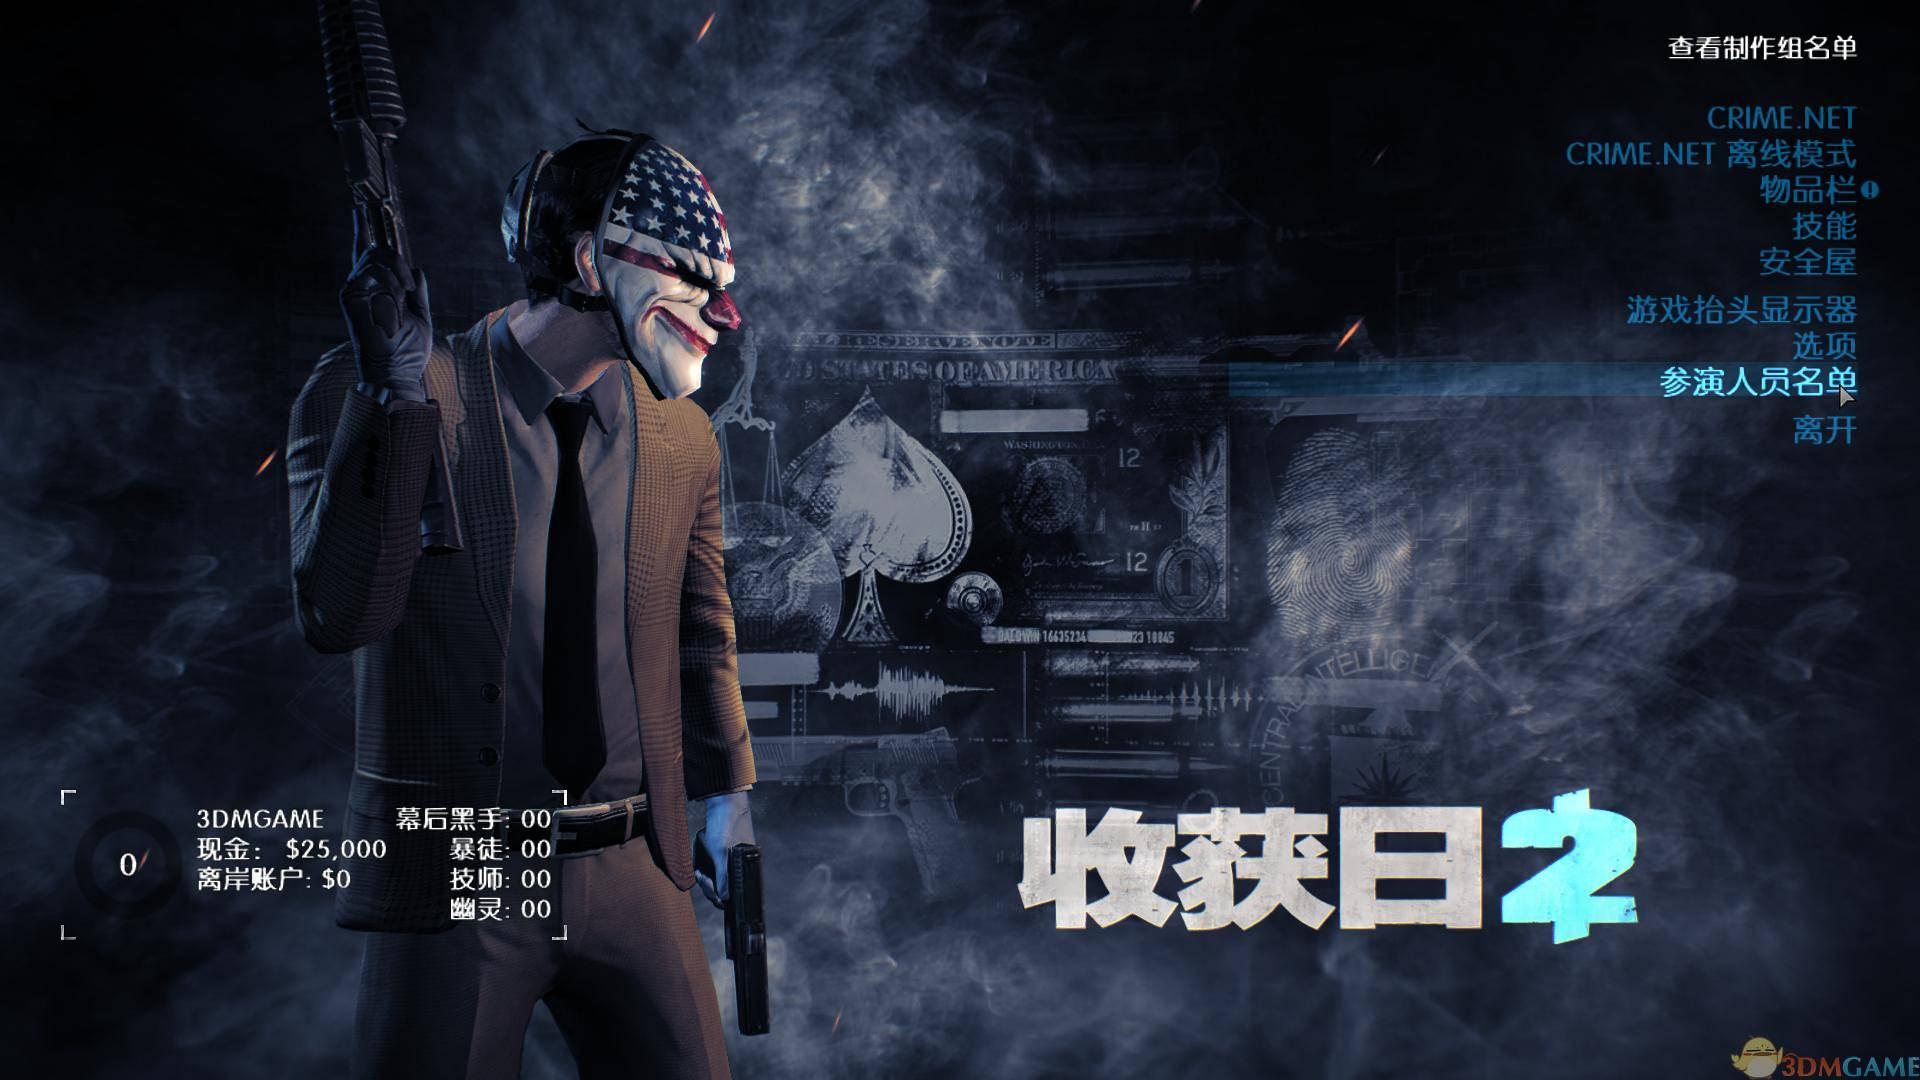 【情報】劫薪日2 3DM中文簡體3.0版本(8月23更新) @劫薪日 2 哈啦板 - 巴哈姆特